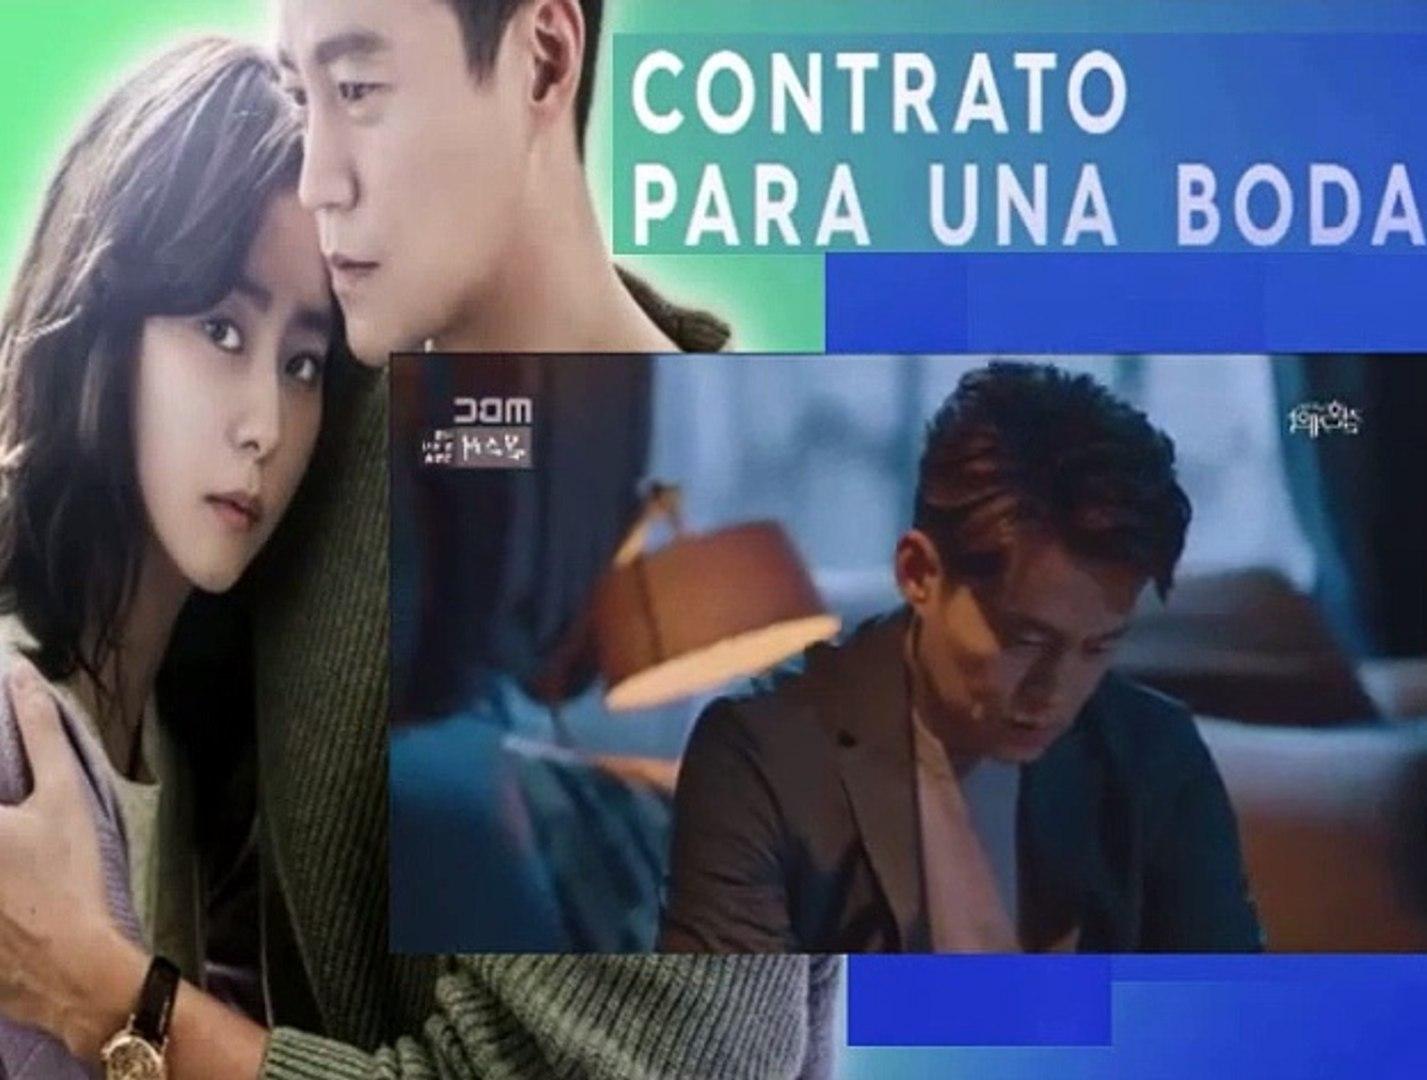 CONTRATO PARA UNA BODA - CAPITULO 8 - [MARRIAGE CONTRACT] - ESPAÑOL LATINO  - Vídeo Dailymotion